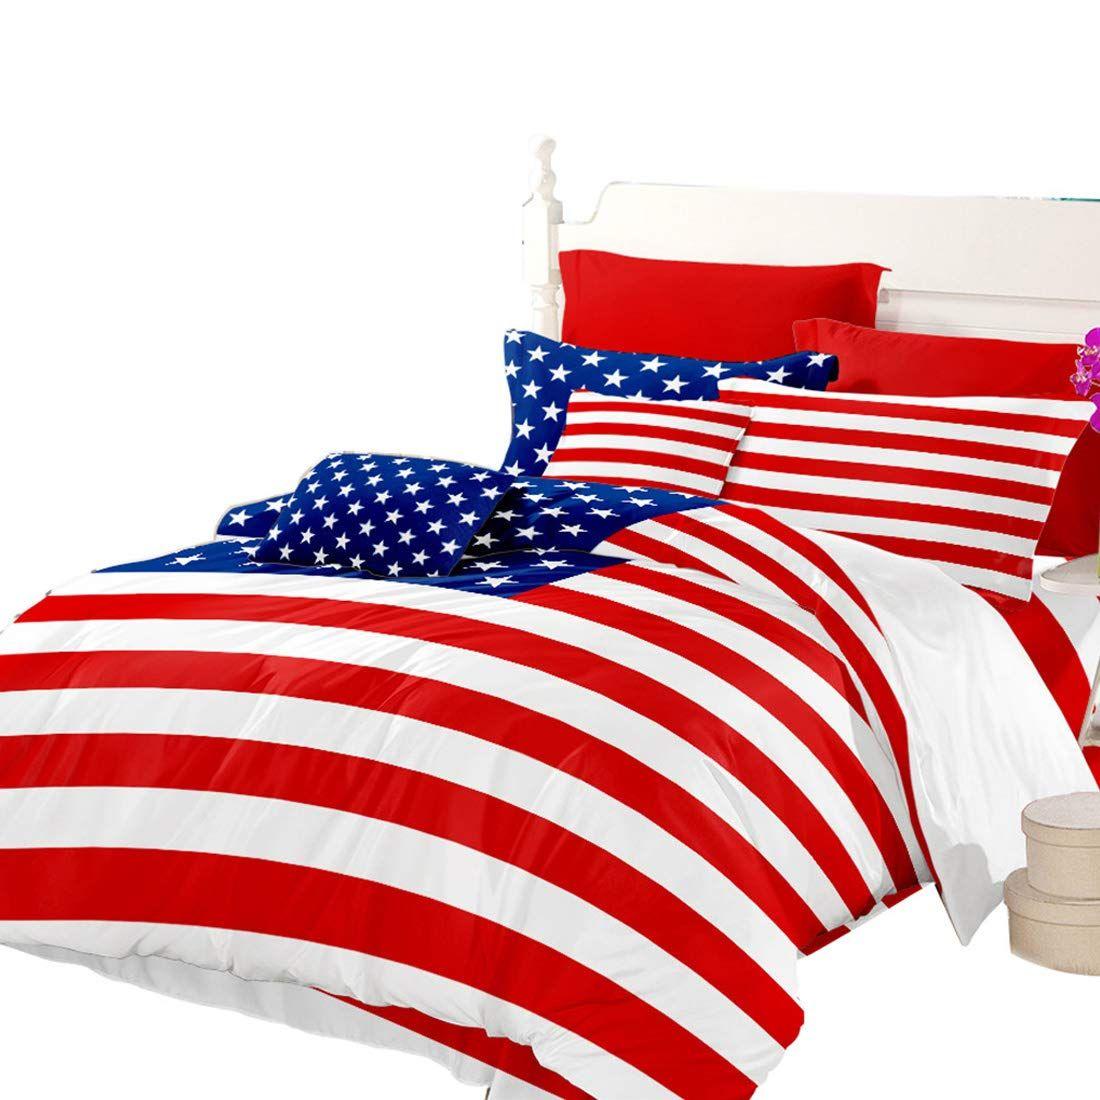 Oliven American Flag Bedding Sets Full Size Blue Red Flag